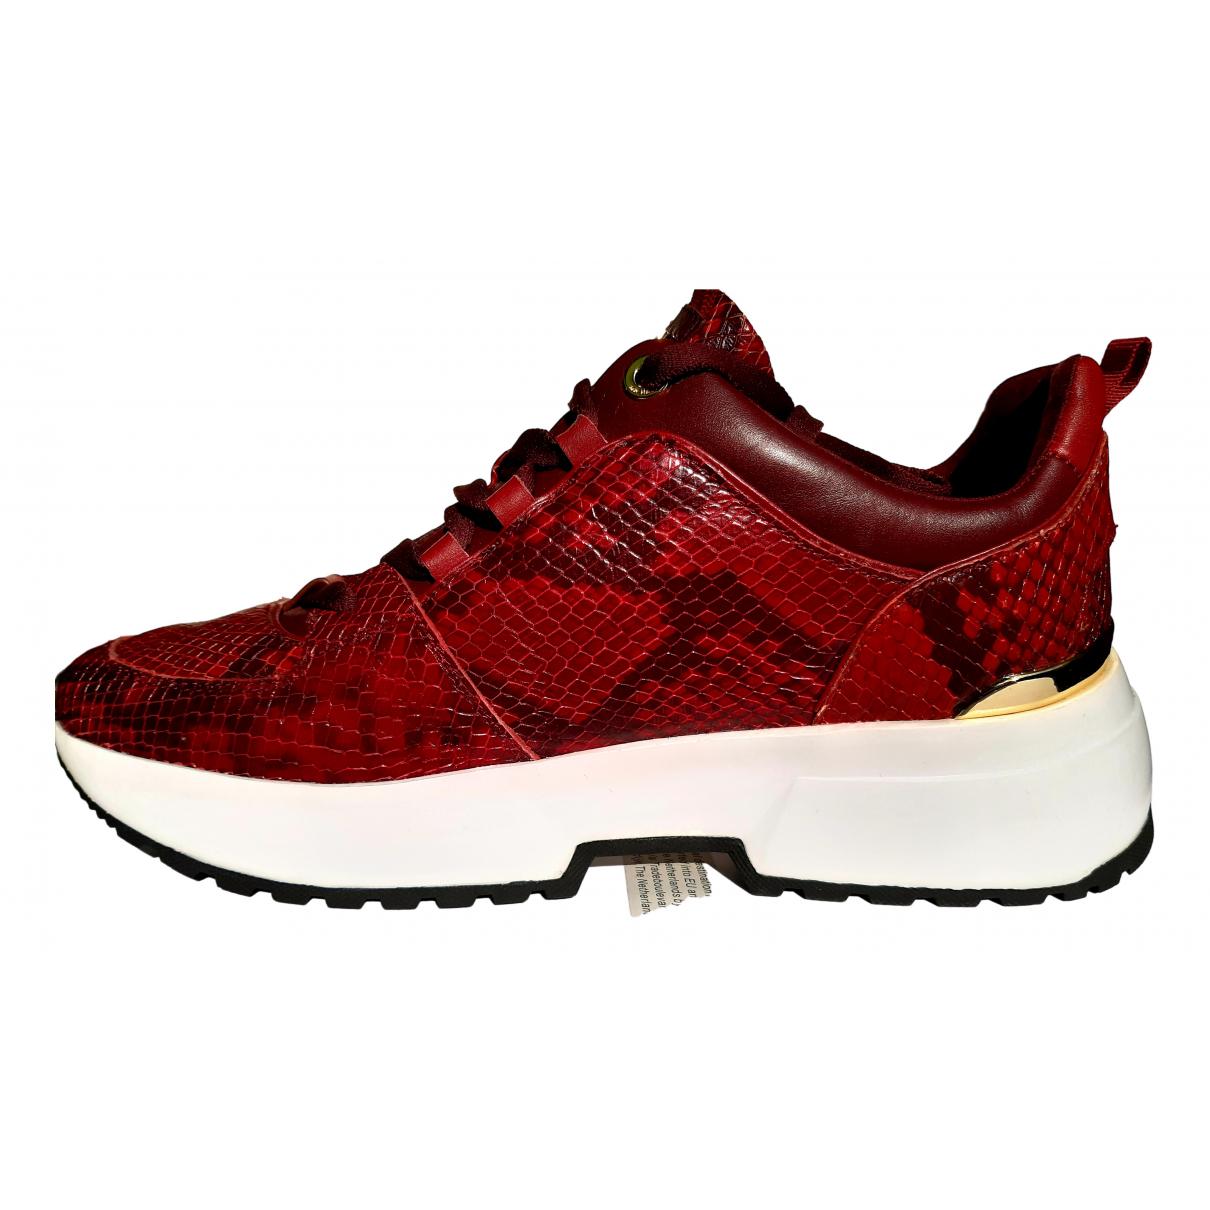 Michael Kors \N Sneakers in  Rot Leder